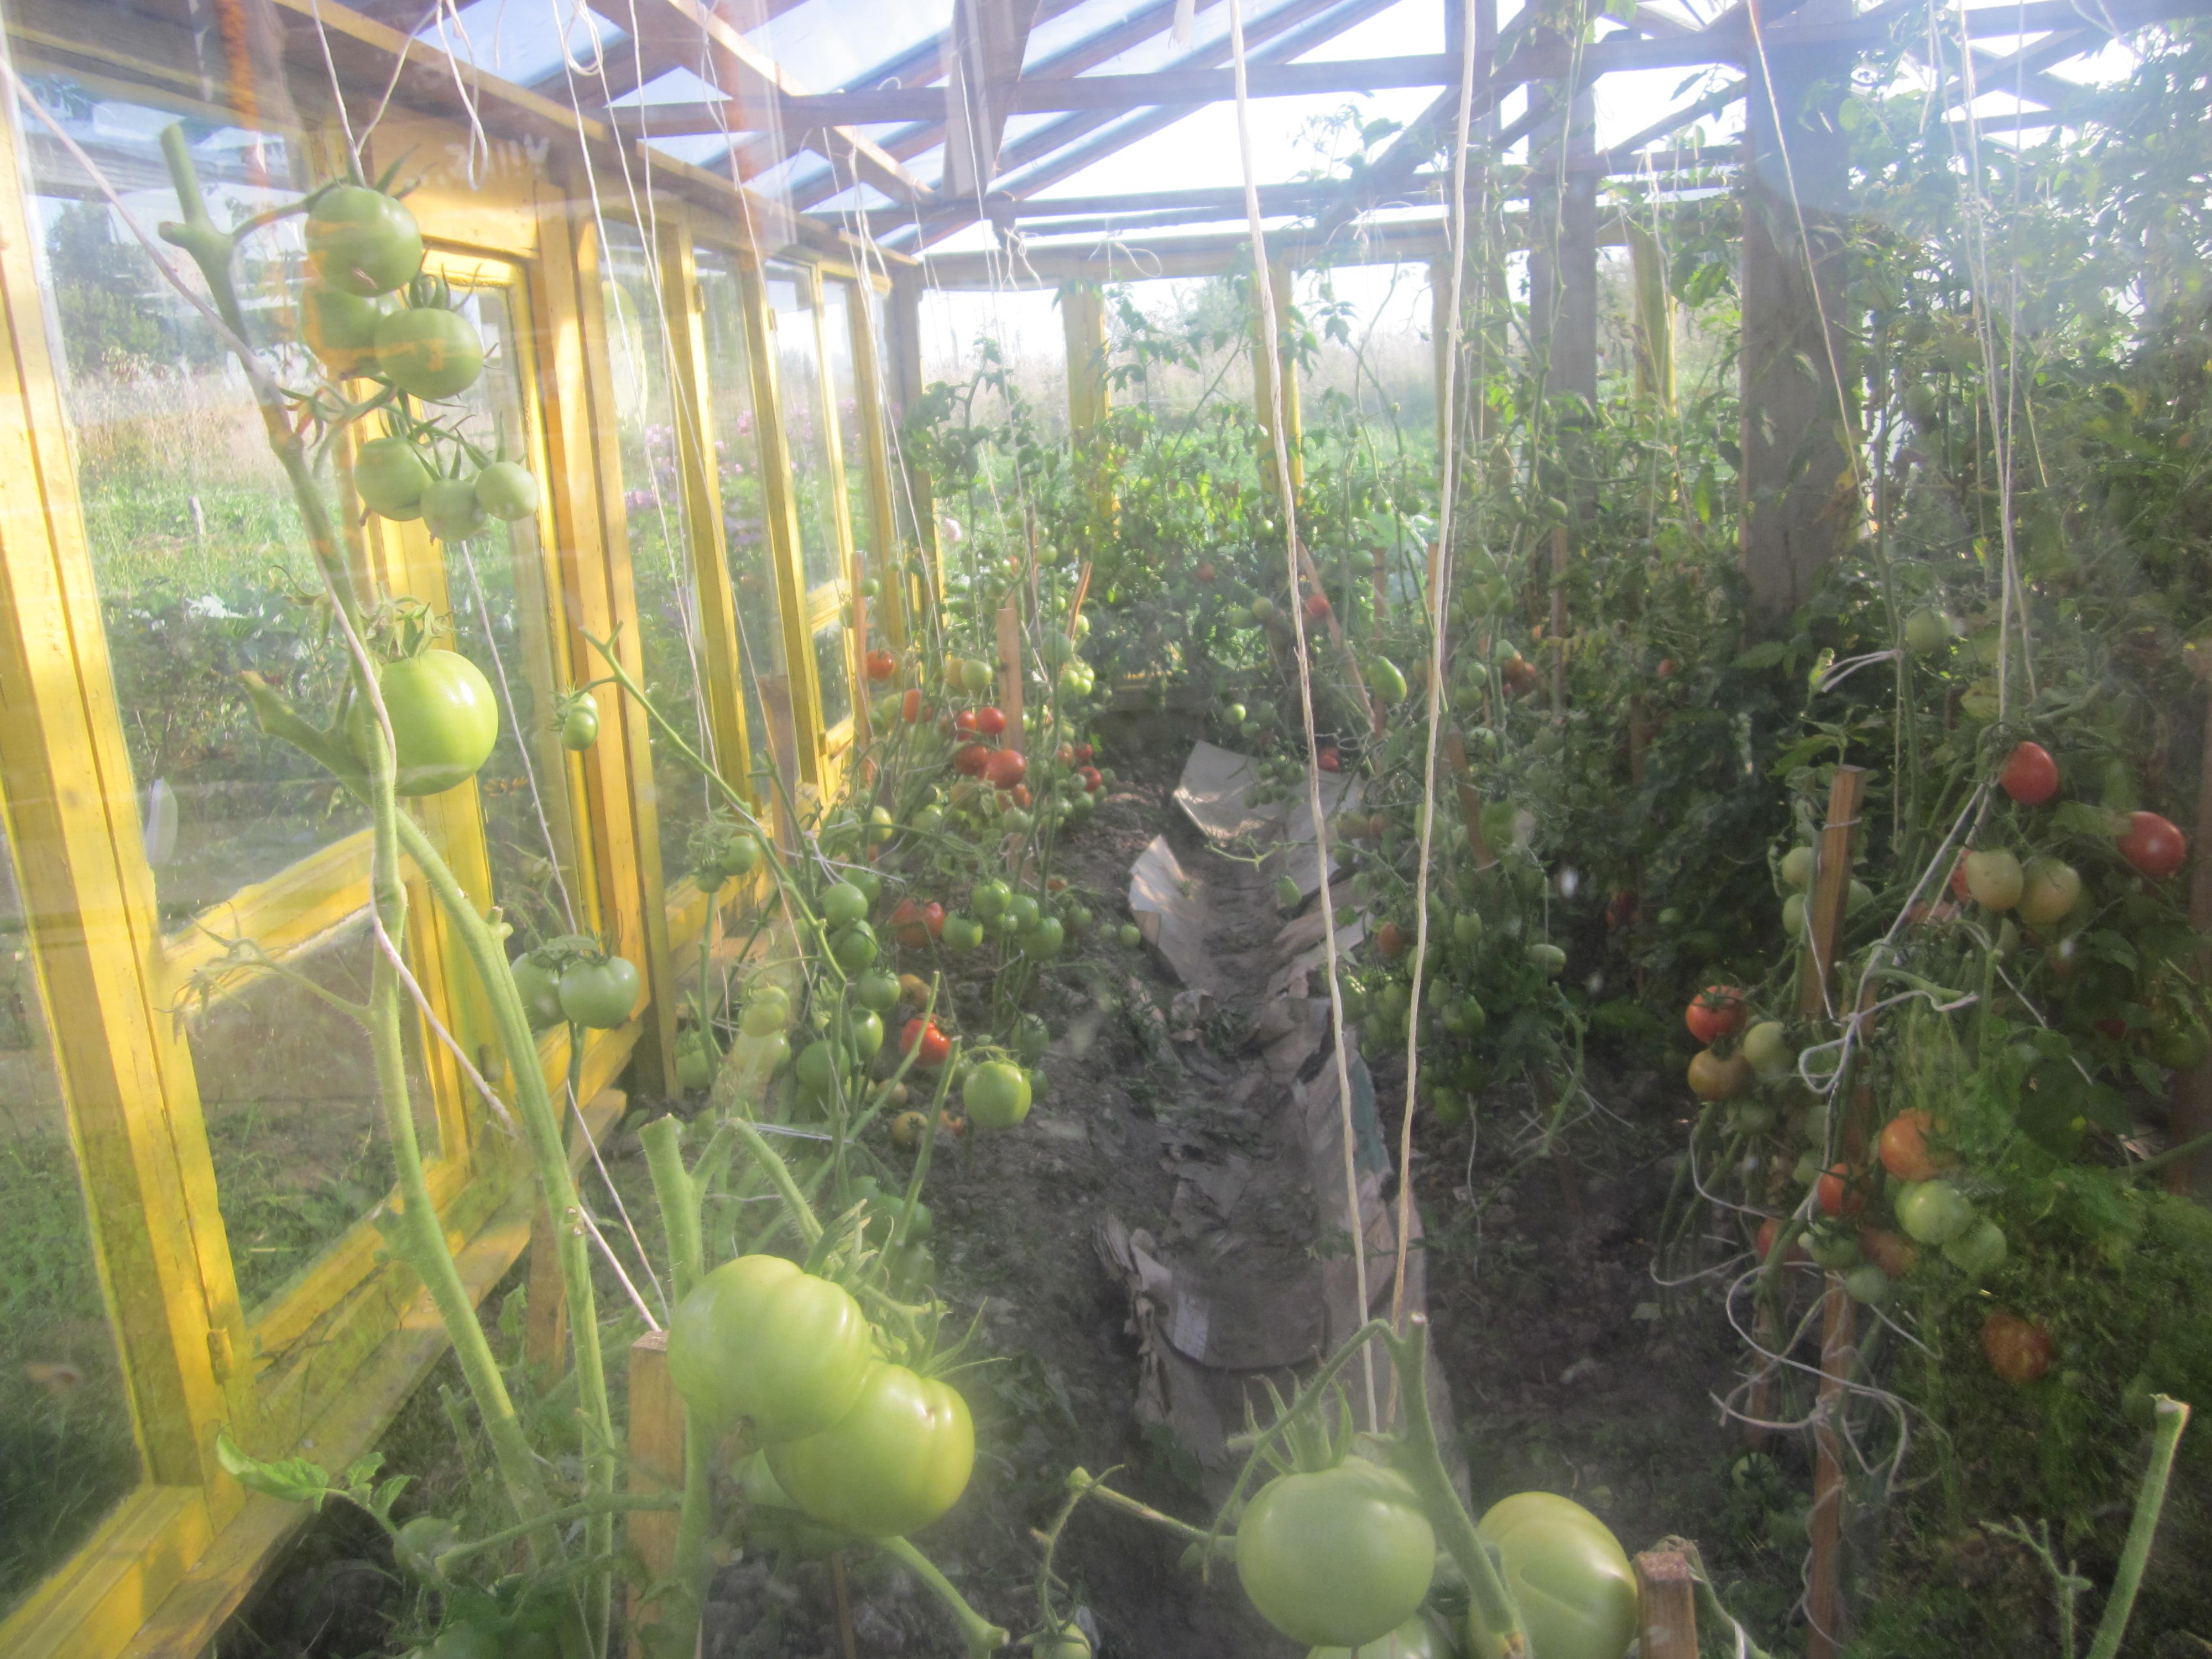 Огурцы : что можно посадить в одной теплице вместе с овощем 78